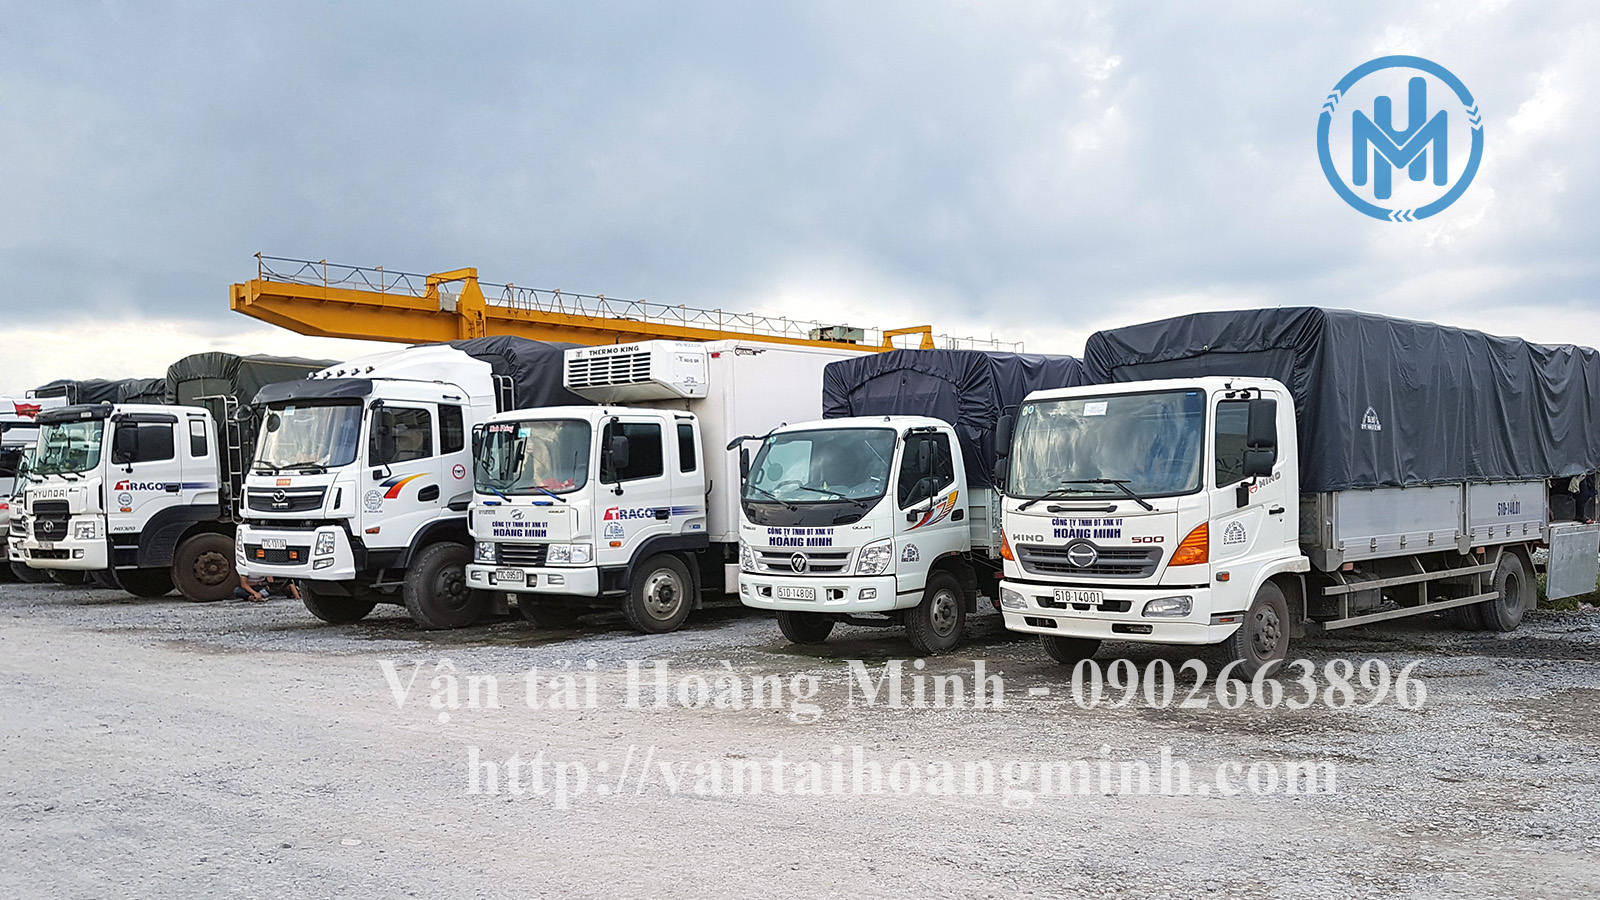 Cho thuê xe tải 10 tấn VTHM uy tín